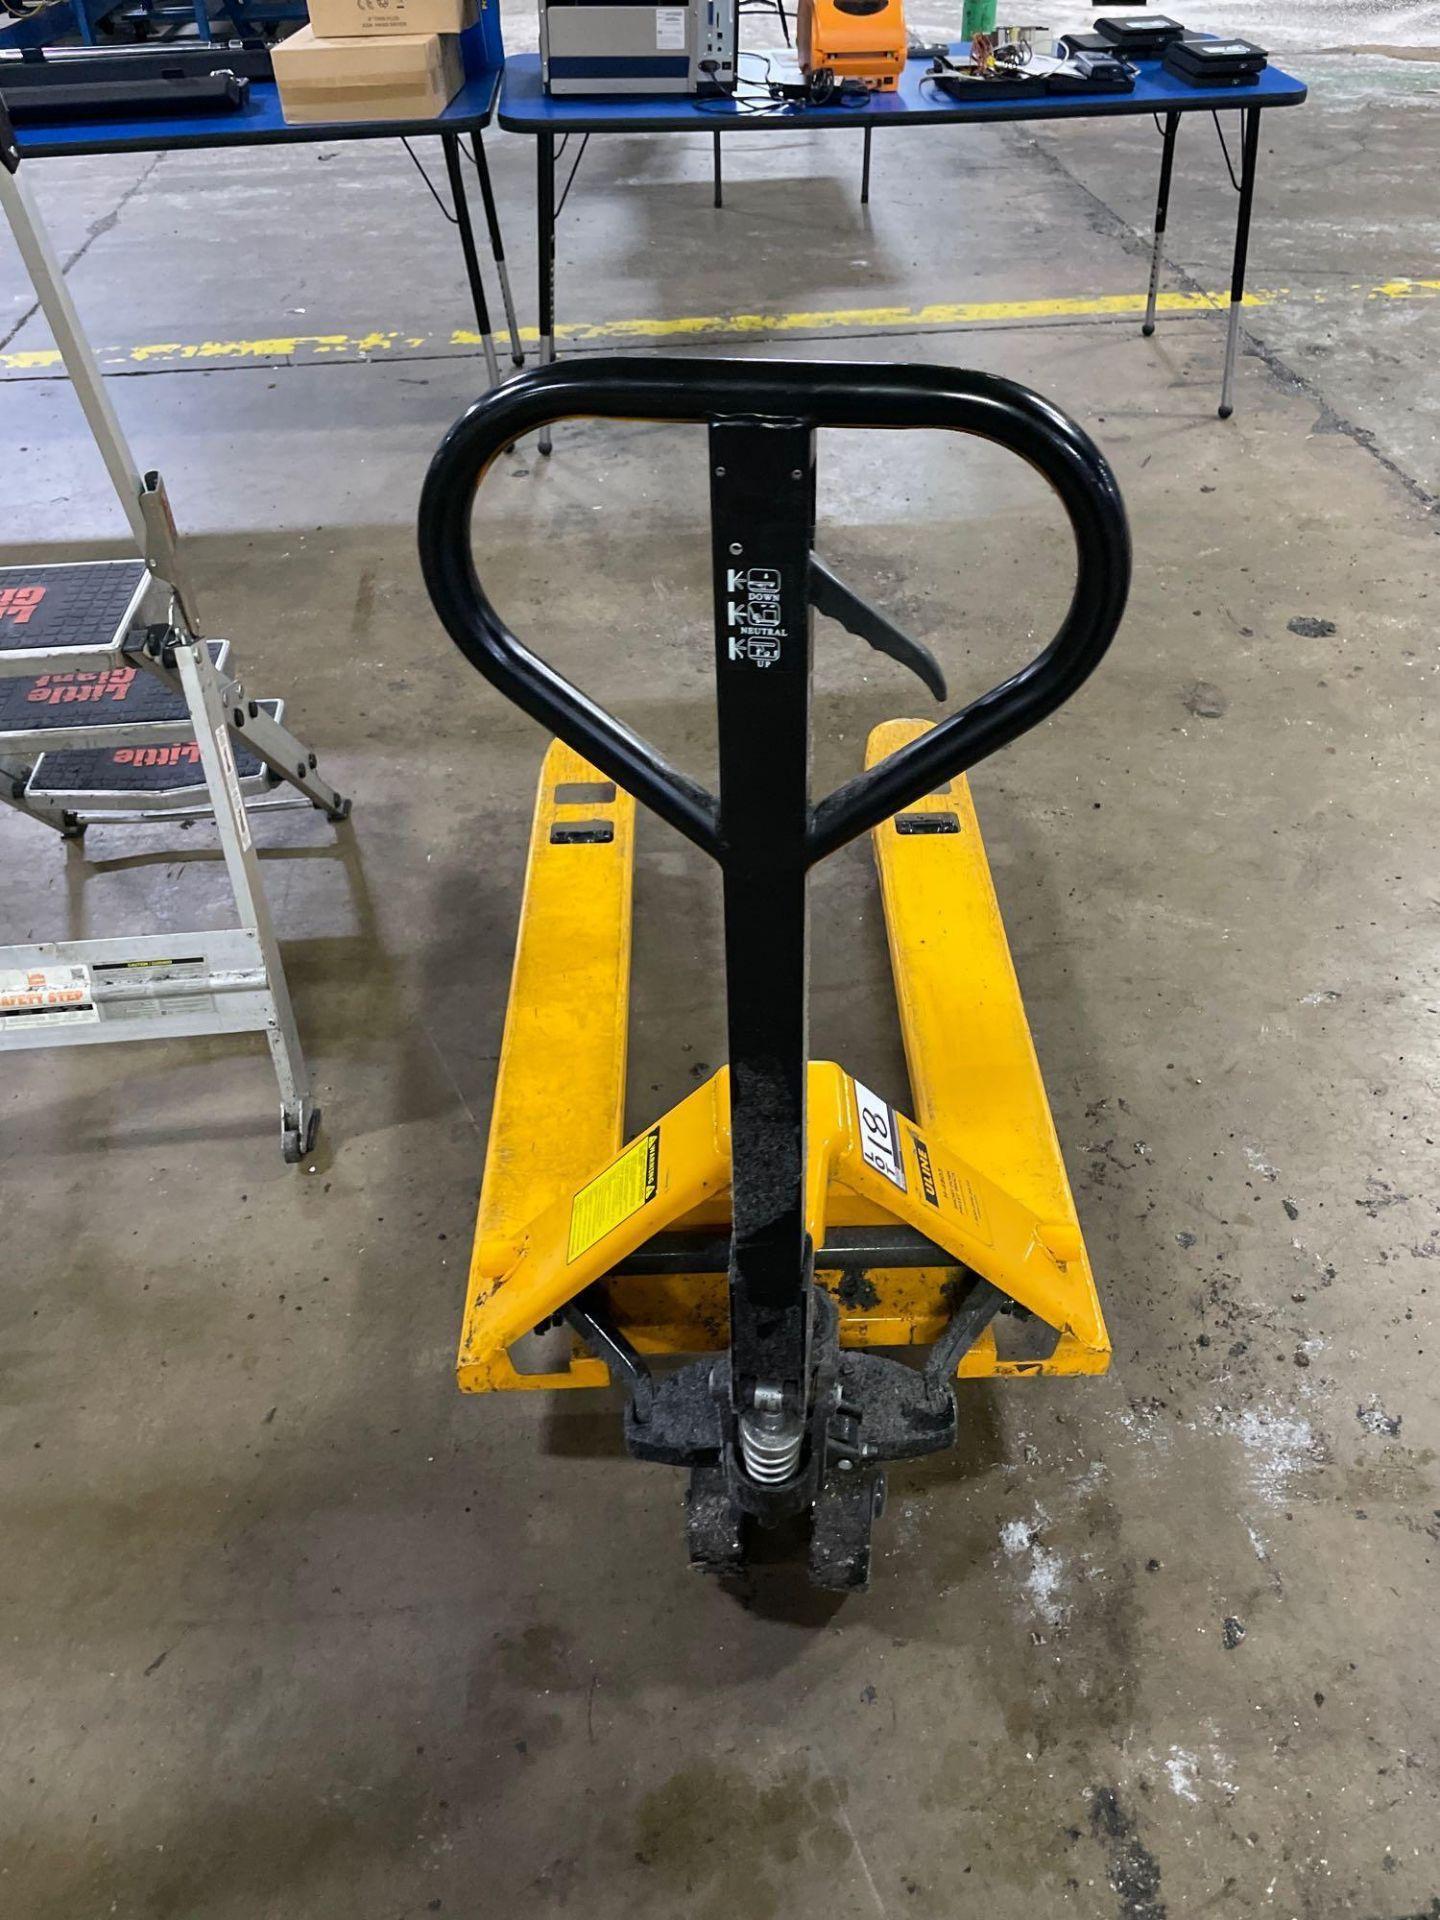 Uline Short Fork Pallet Jack, M/N- H-4803, S/N- 187800, 5,500lb Max Capacity, 42in Forks - Image 4 of 4